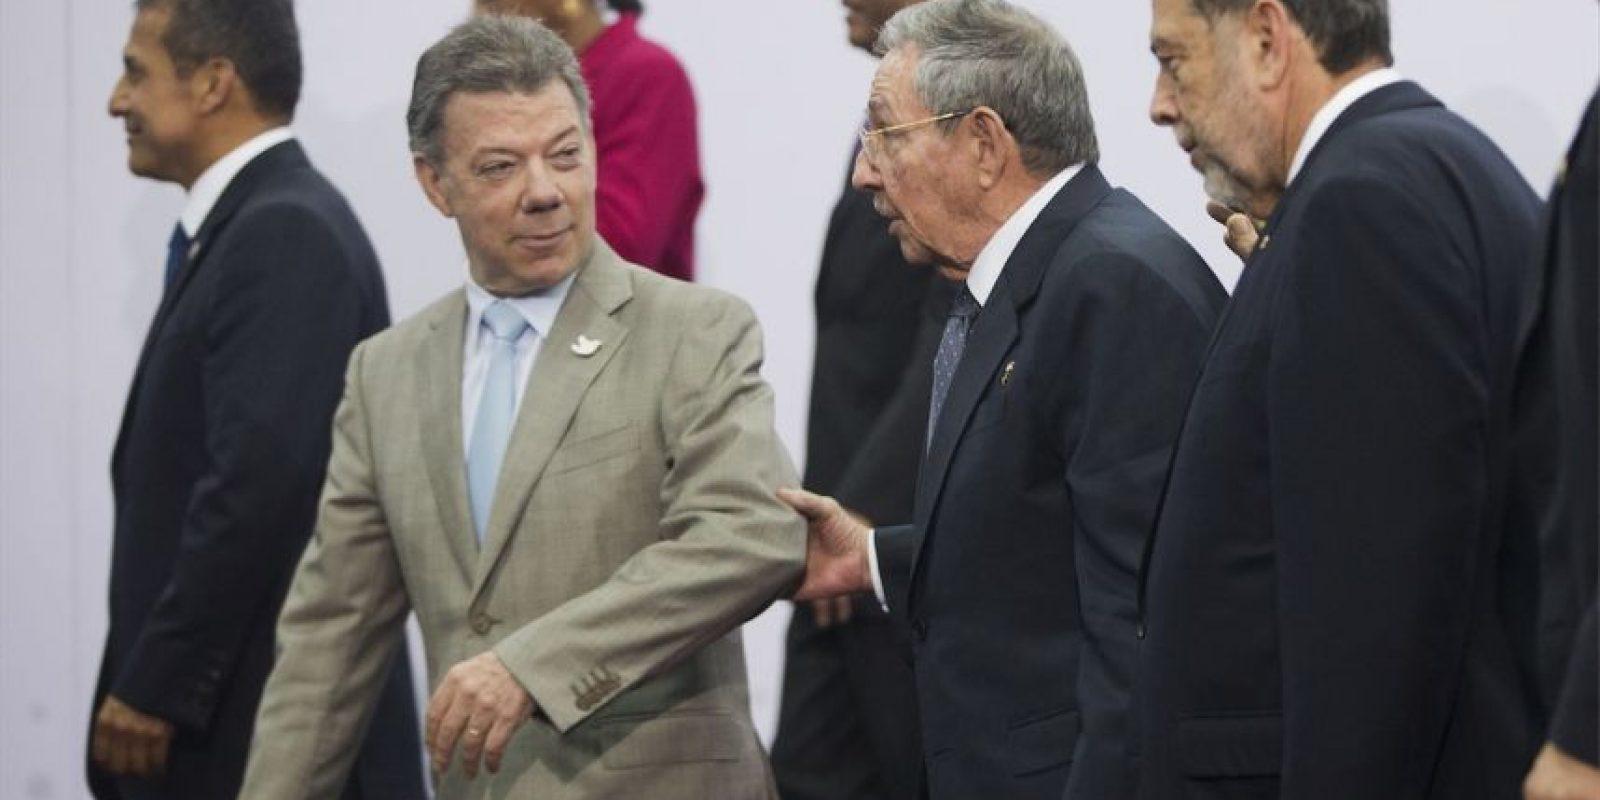 Y también fue la primera ocasión en que un mandatario cubano asiste a una de las reuniones más importantes de América Latina Foto:AP